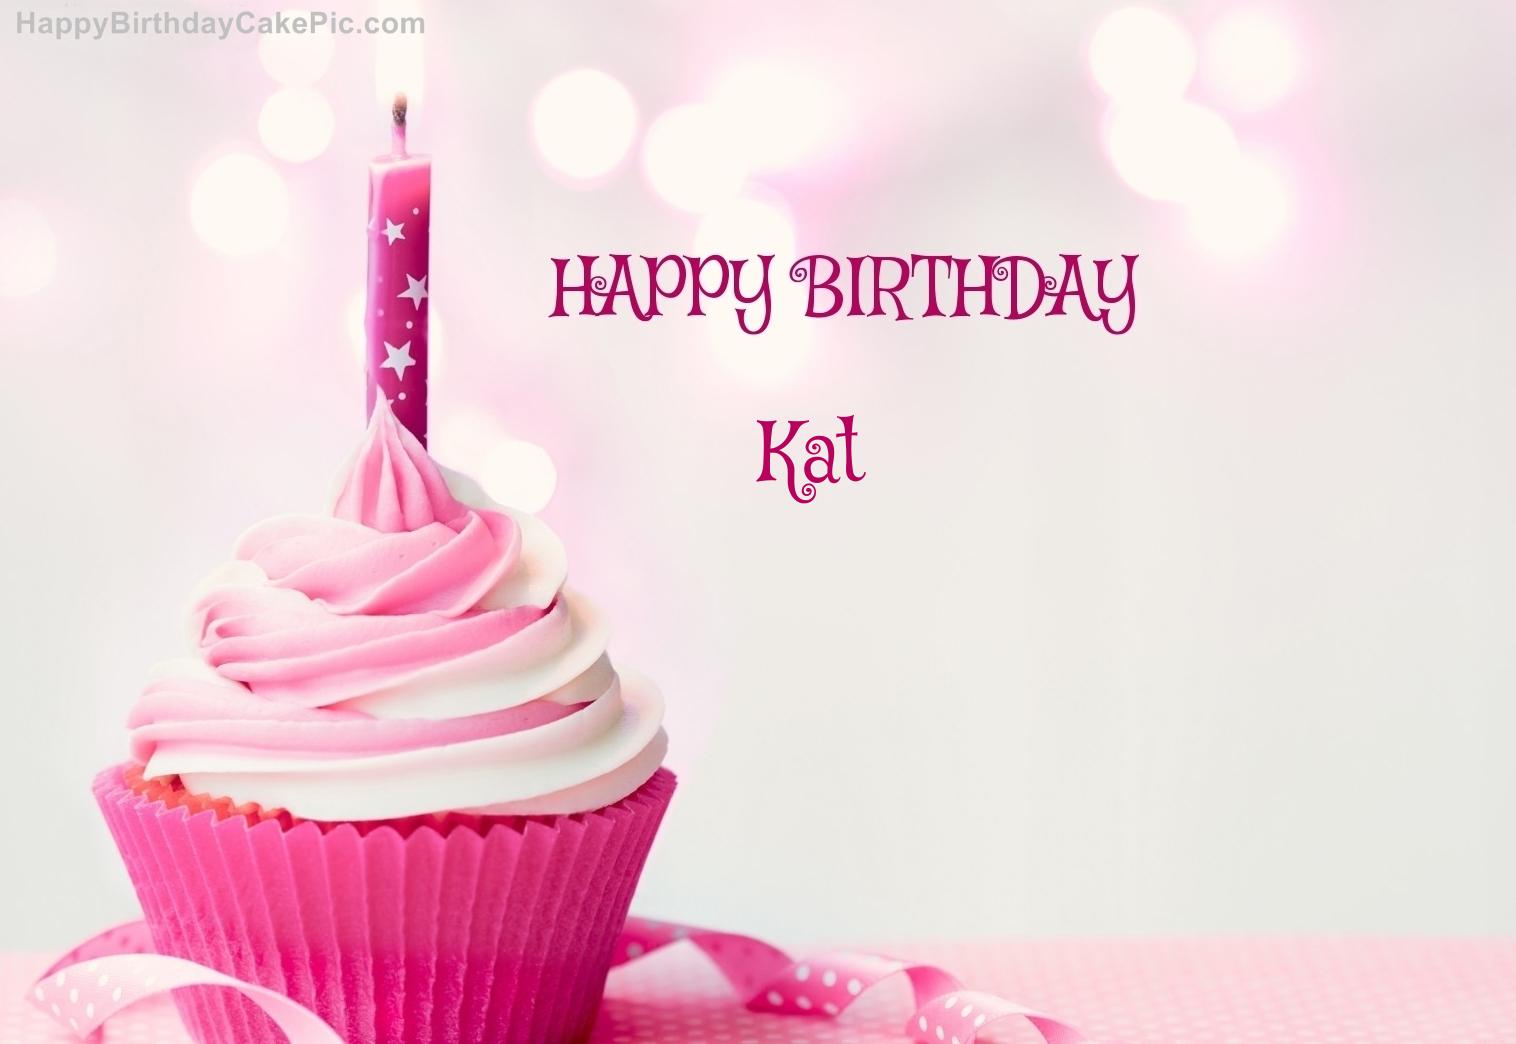 happy birthday kat Happy Birthday Kat Cake – Brithday Cake happy birthday kat